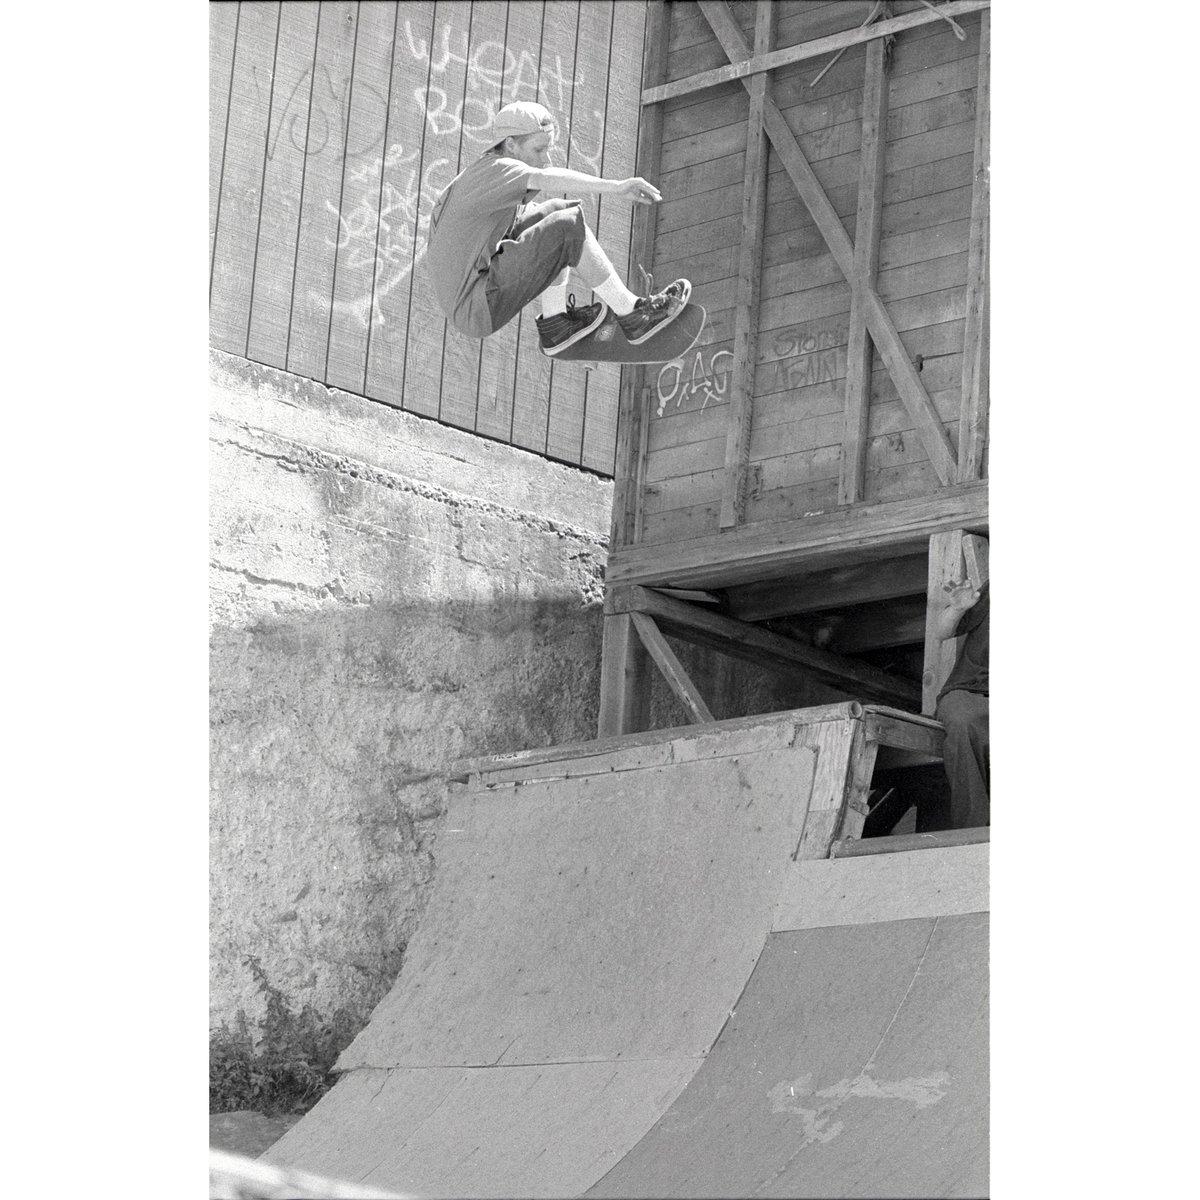 Image of Julien Stranger, Hunters Point San Francisco 1992 (0004-101-32)